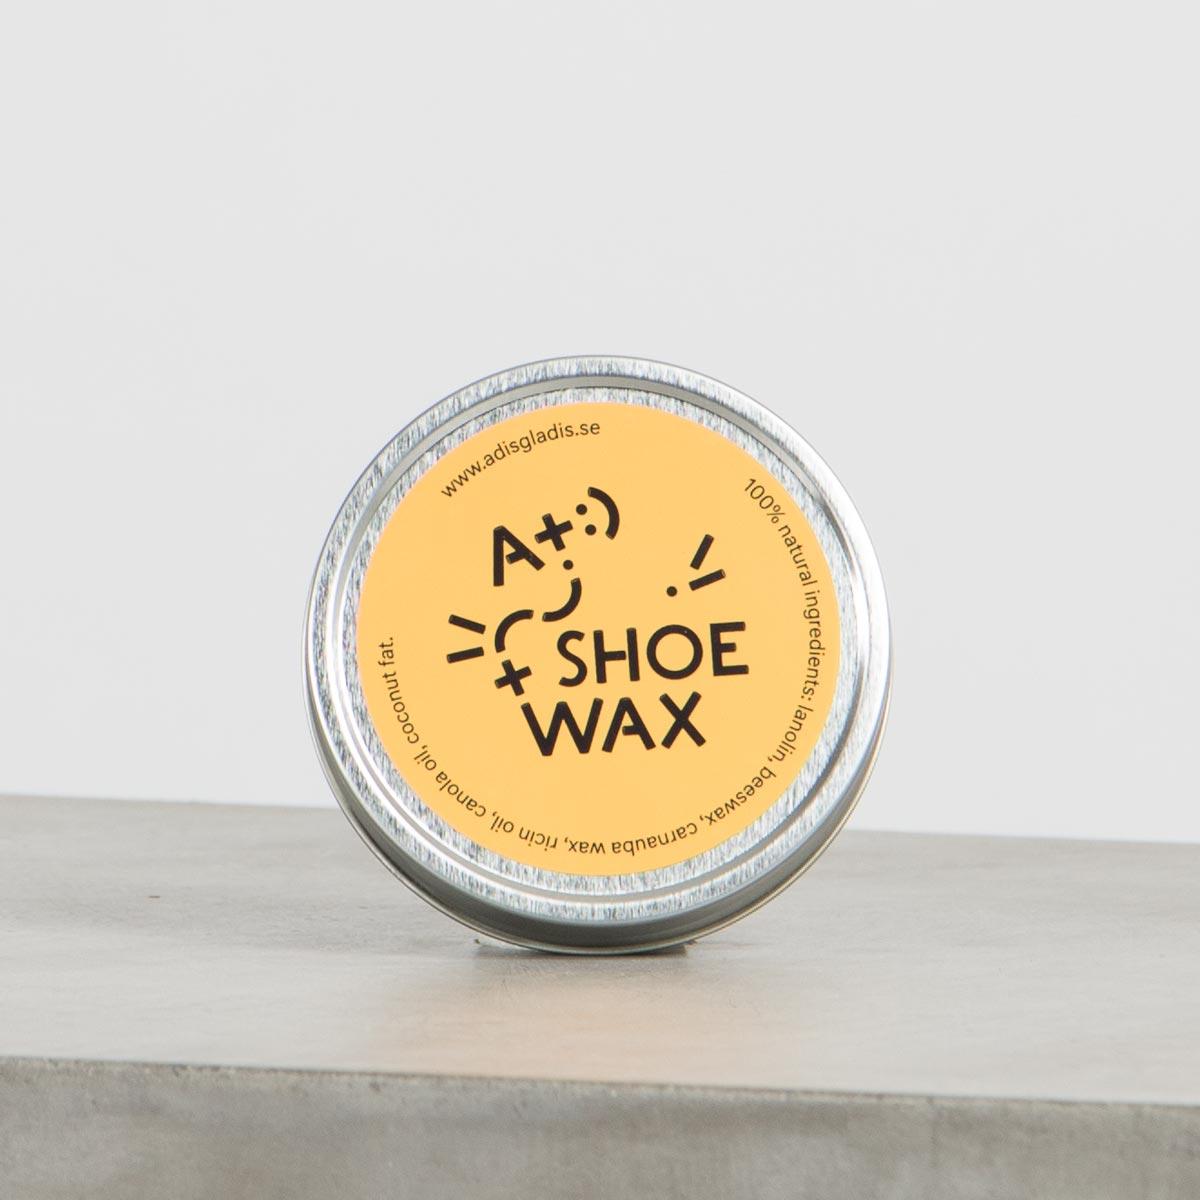 skovax naturligt skinn läder